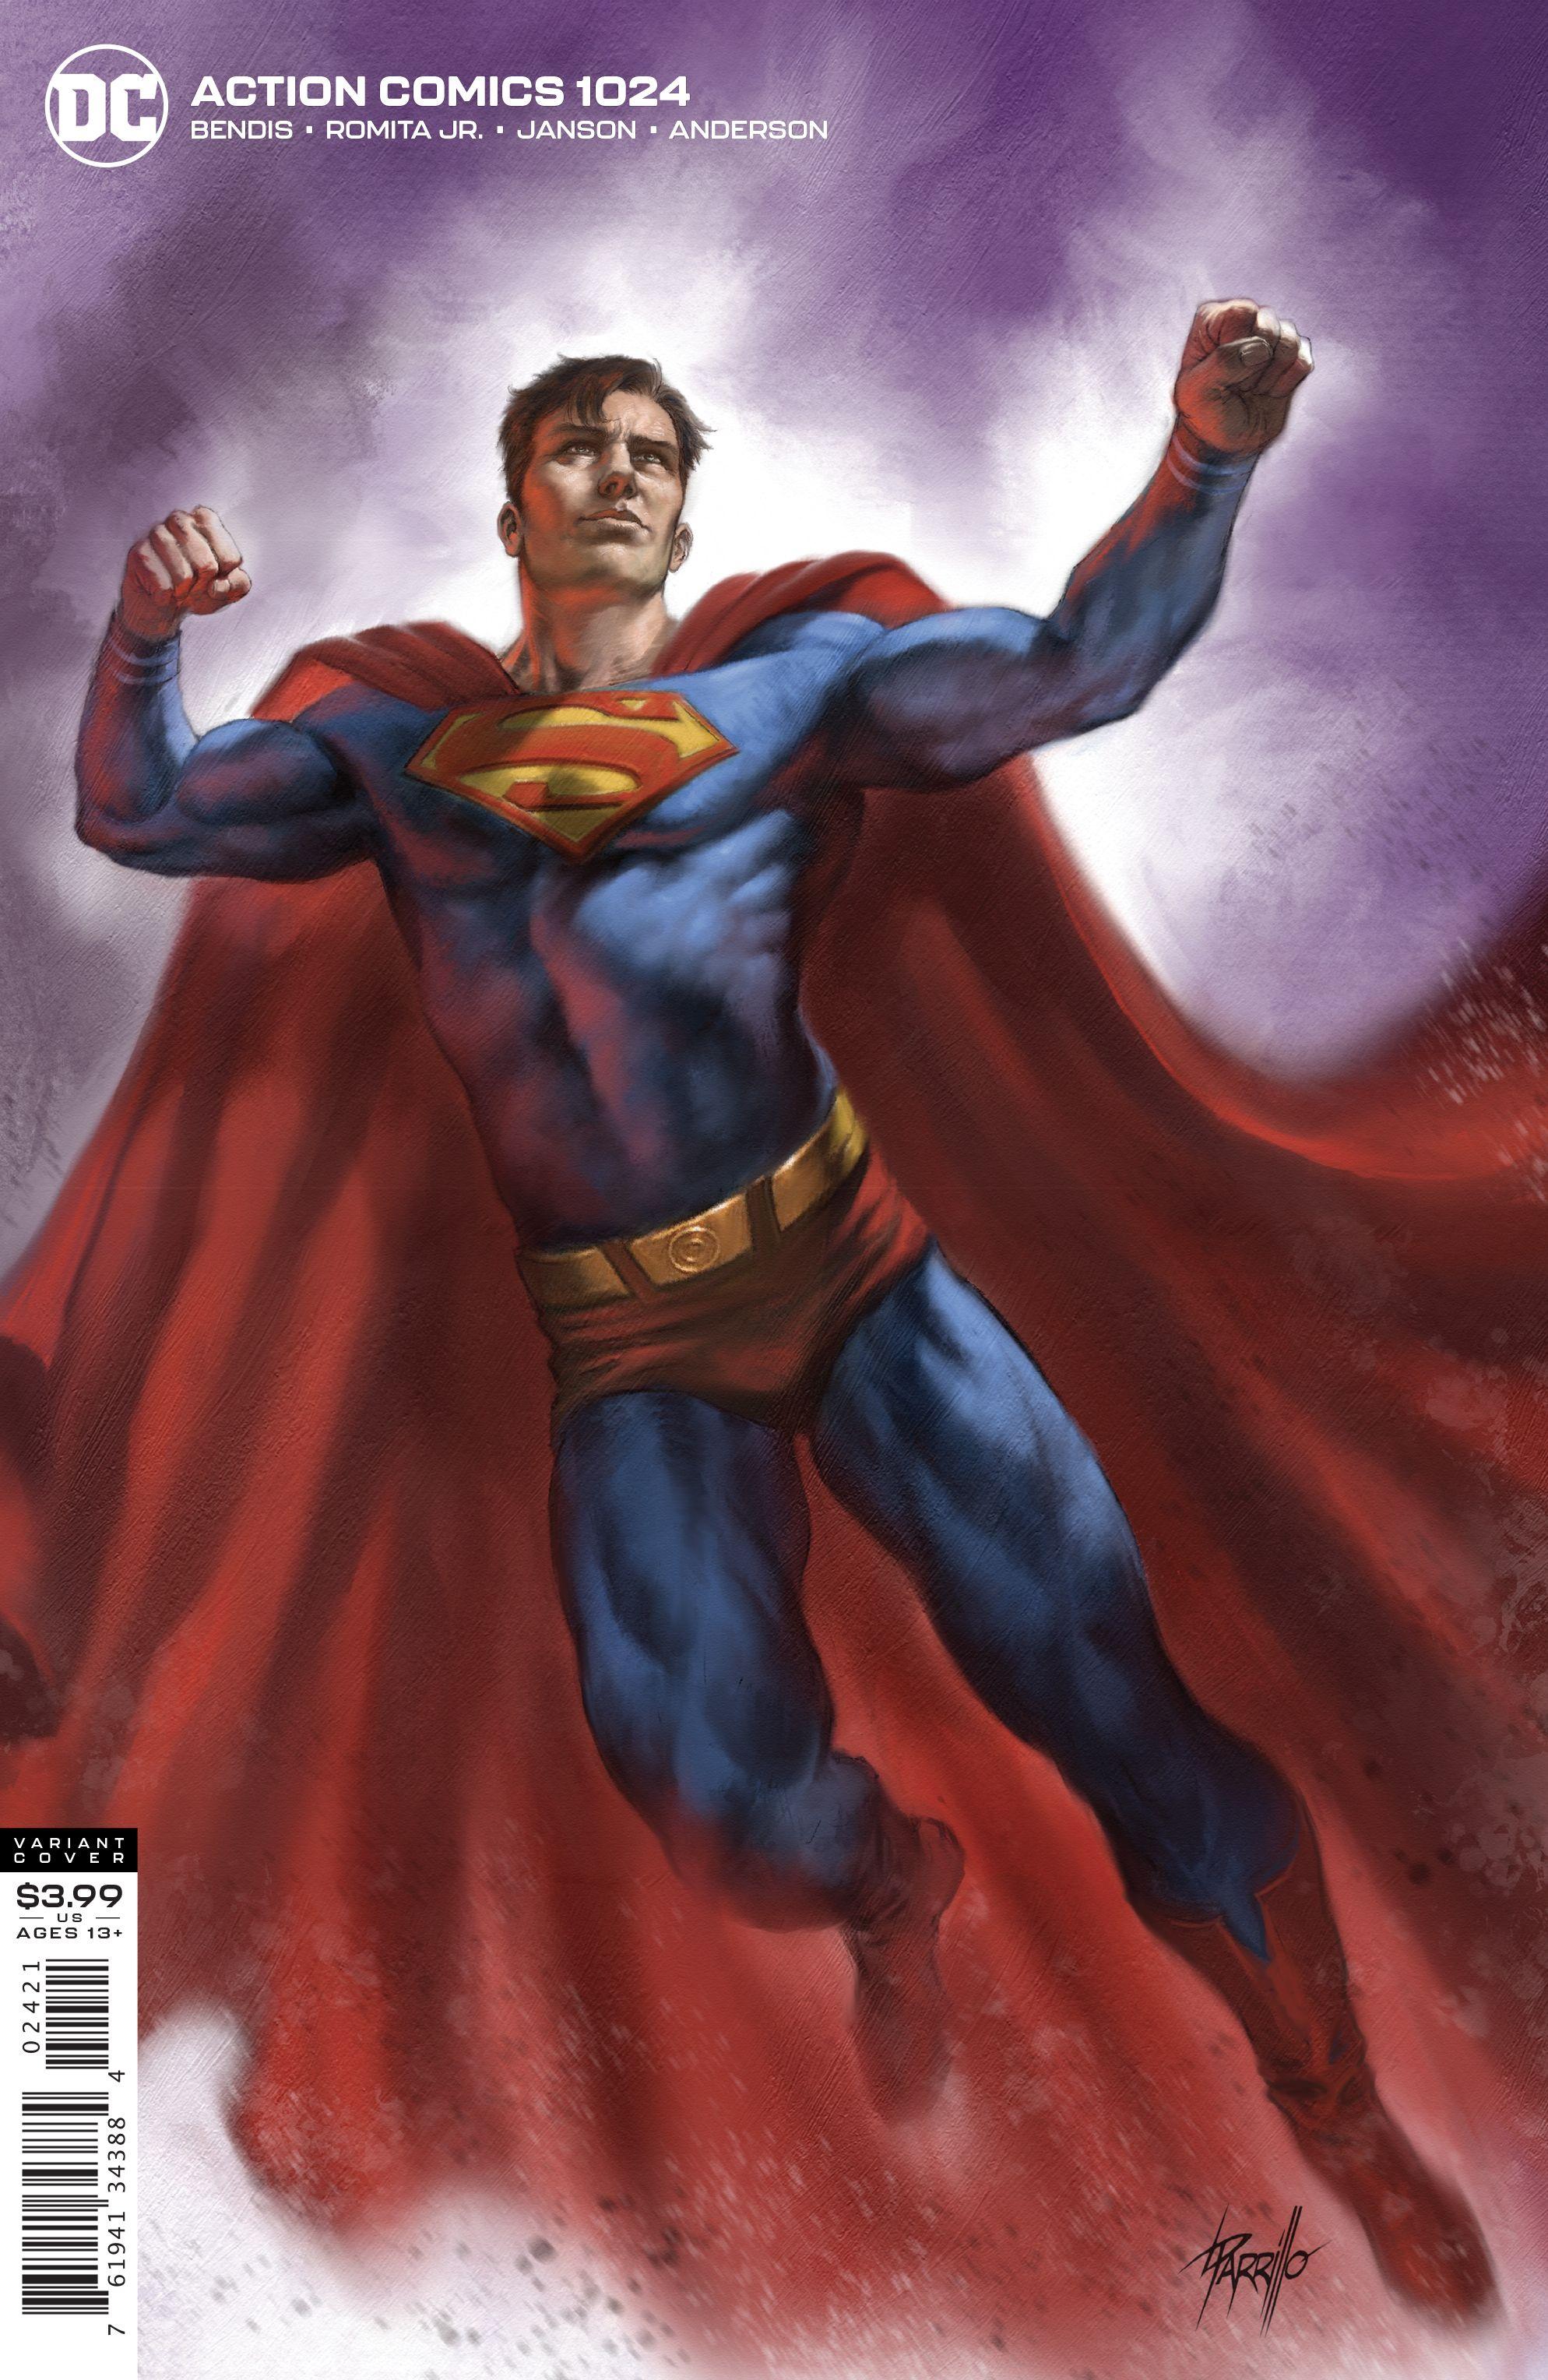 Action Comics Vol 1 1024 Variant.jpg